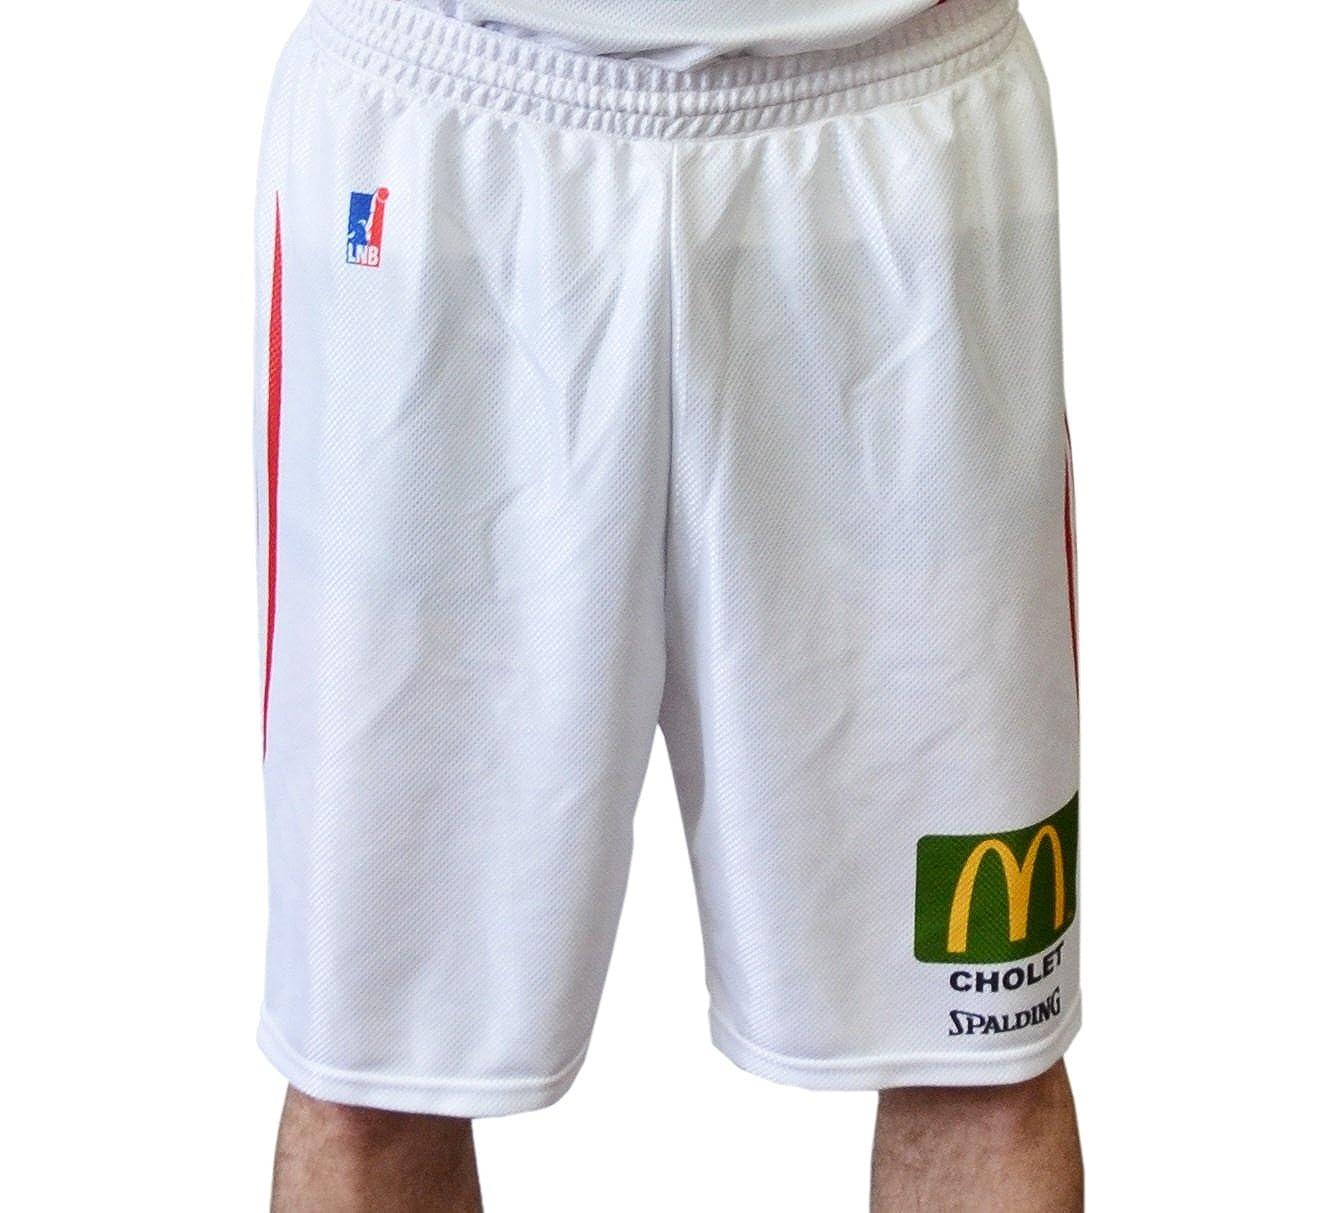 Spalding Cholet – Pantalones Cortos de Baloncesto para Hombre ...